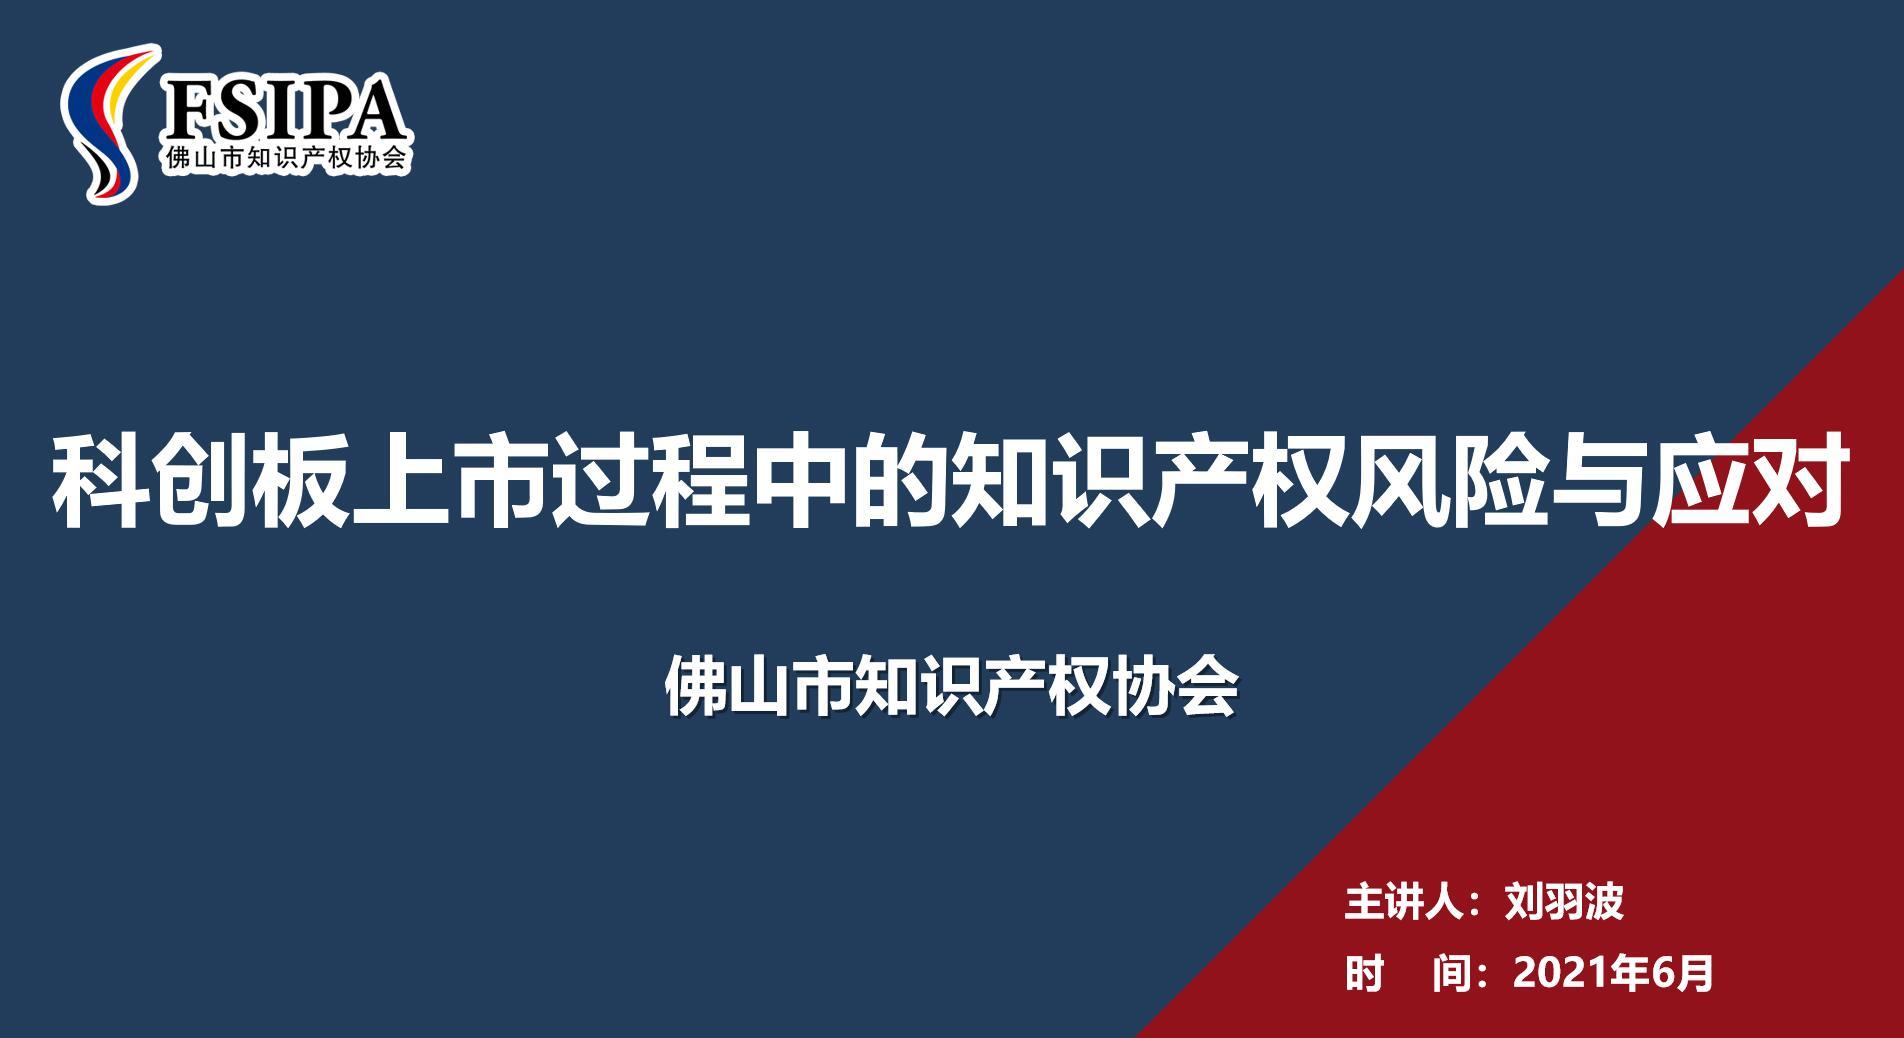 科创板上市知识产权风险防范如何应对?刘羽波老师为你支招!